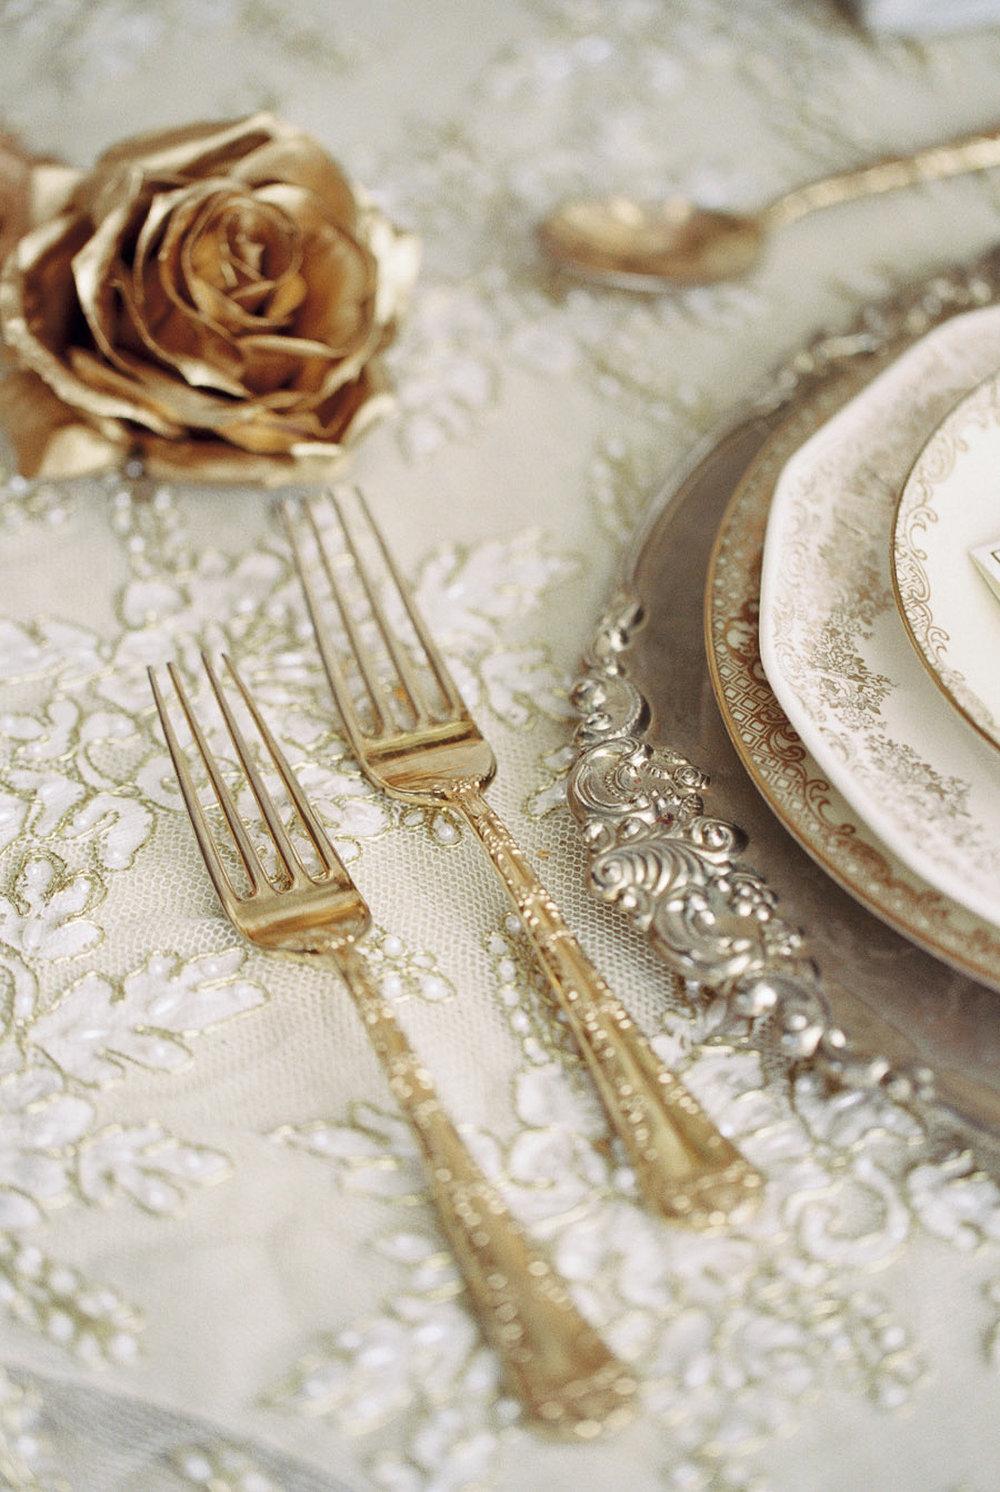 Lara_Lam_Vintage_Heirloom_wedding_photographer_Etablir_shop_vintage_rental10.jpg